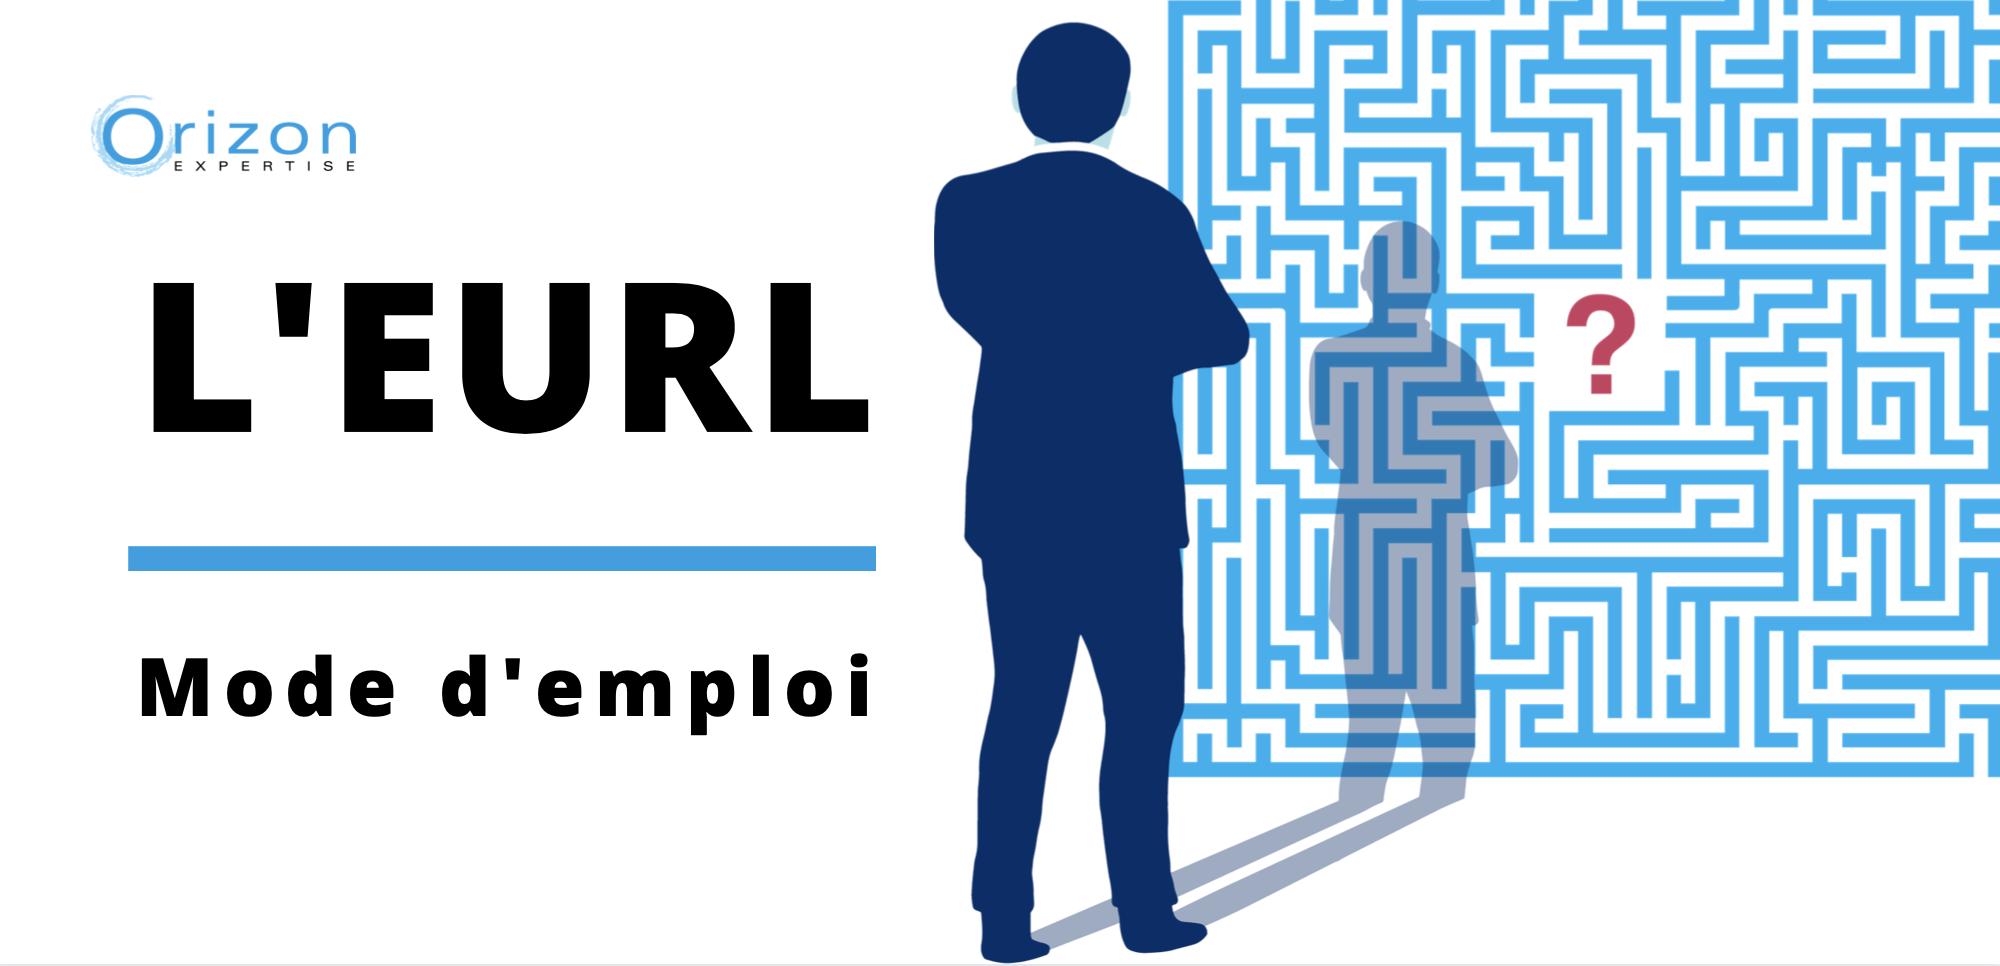 EURL mode d'emploi - Orizon Expertise